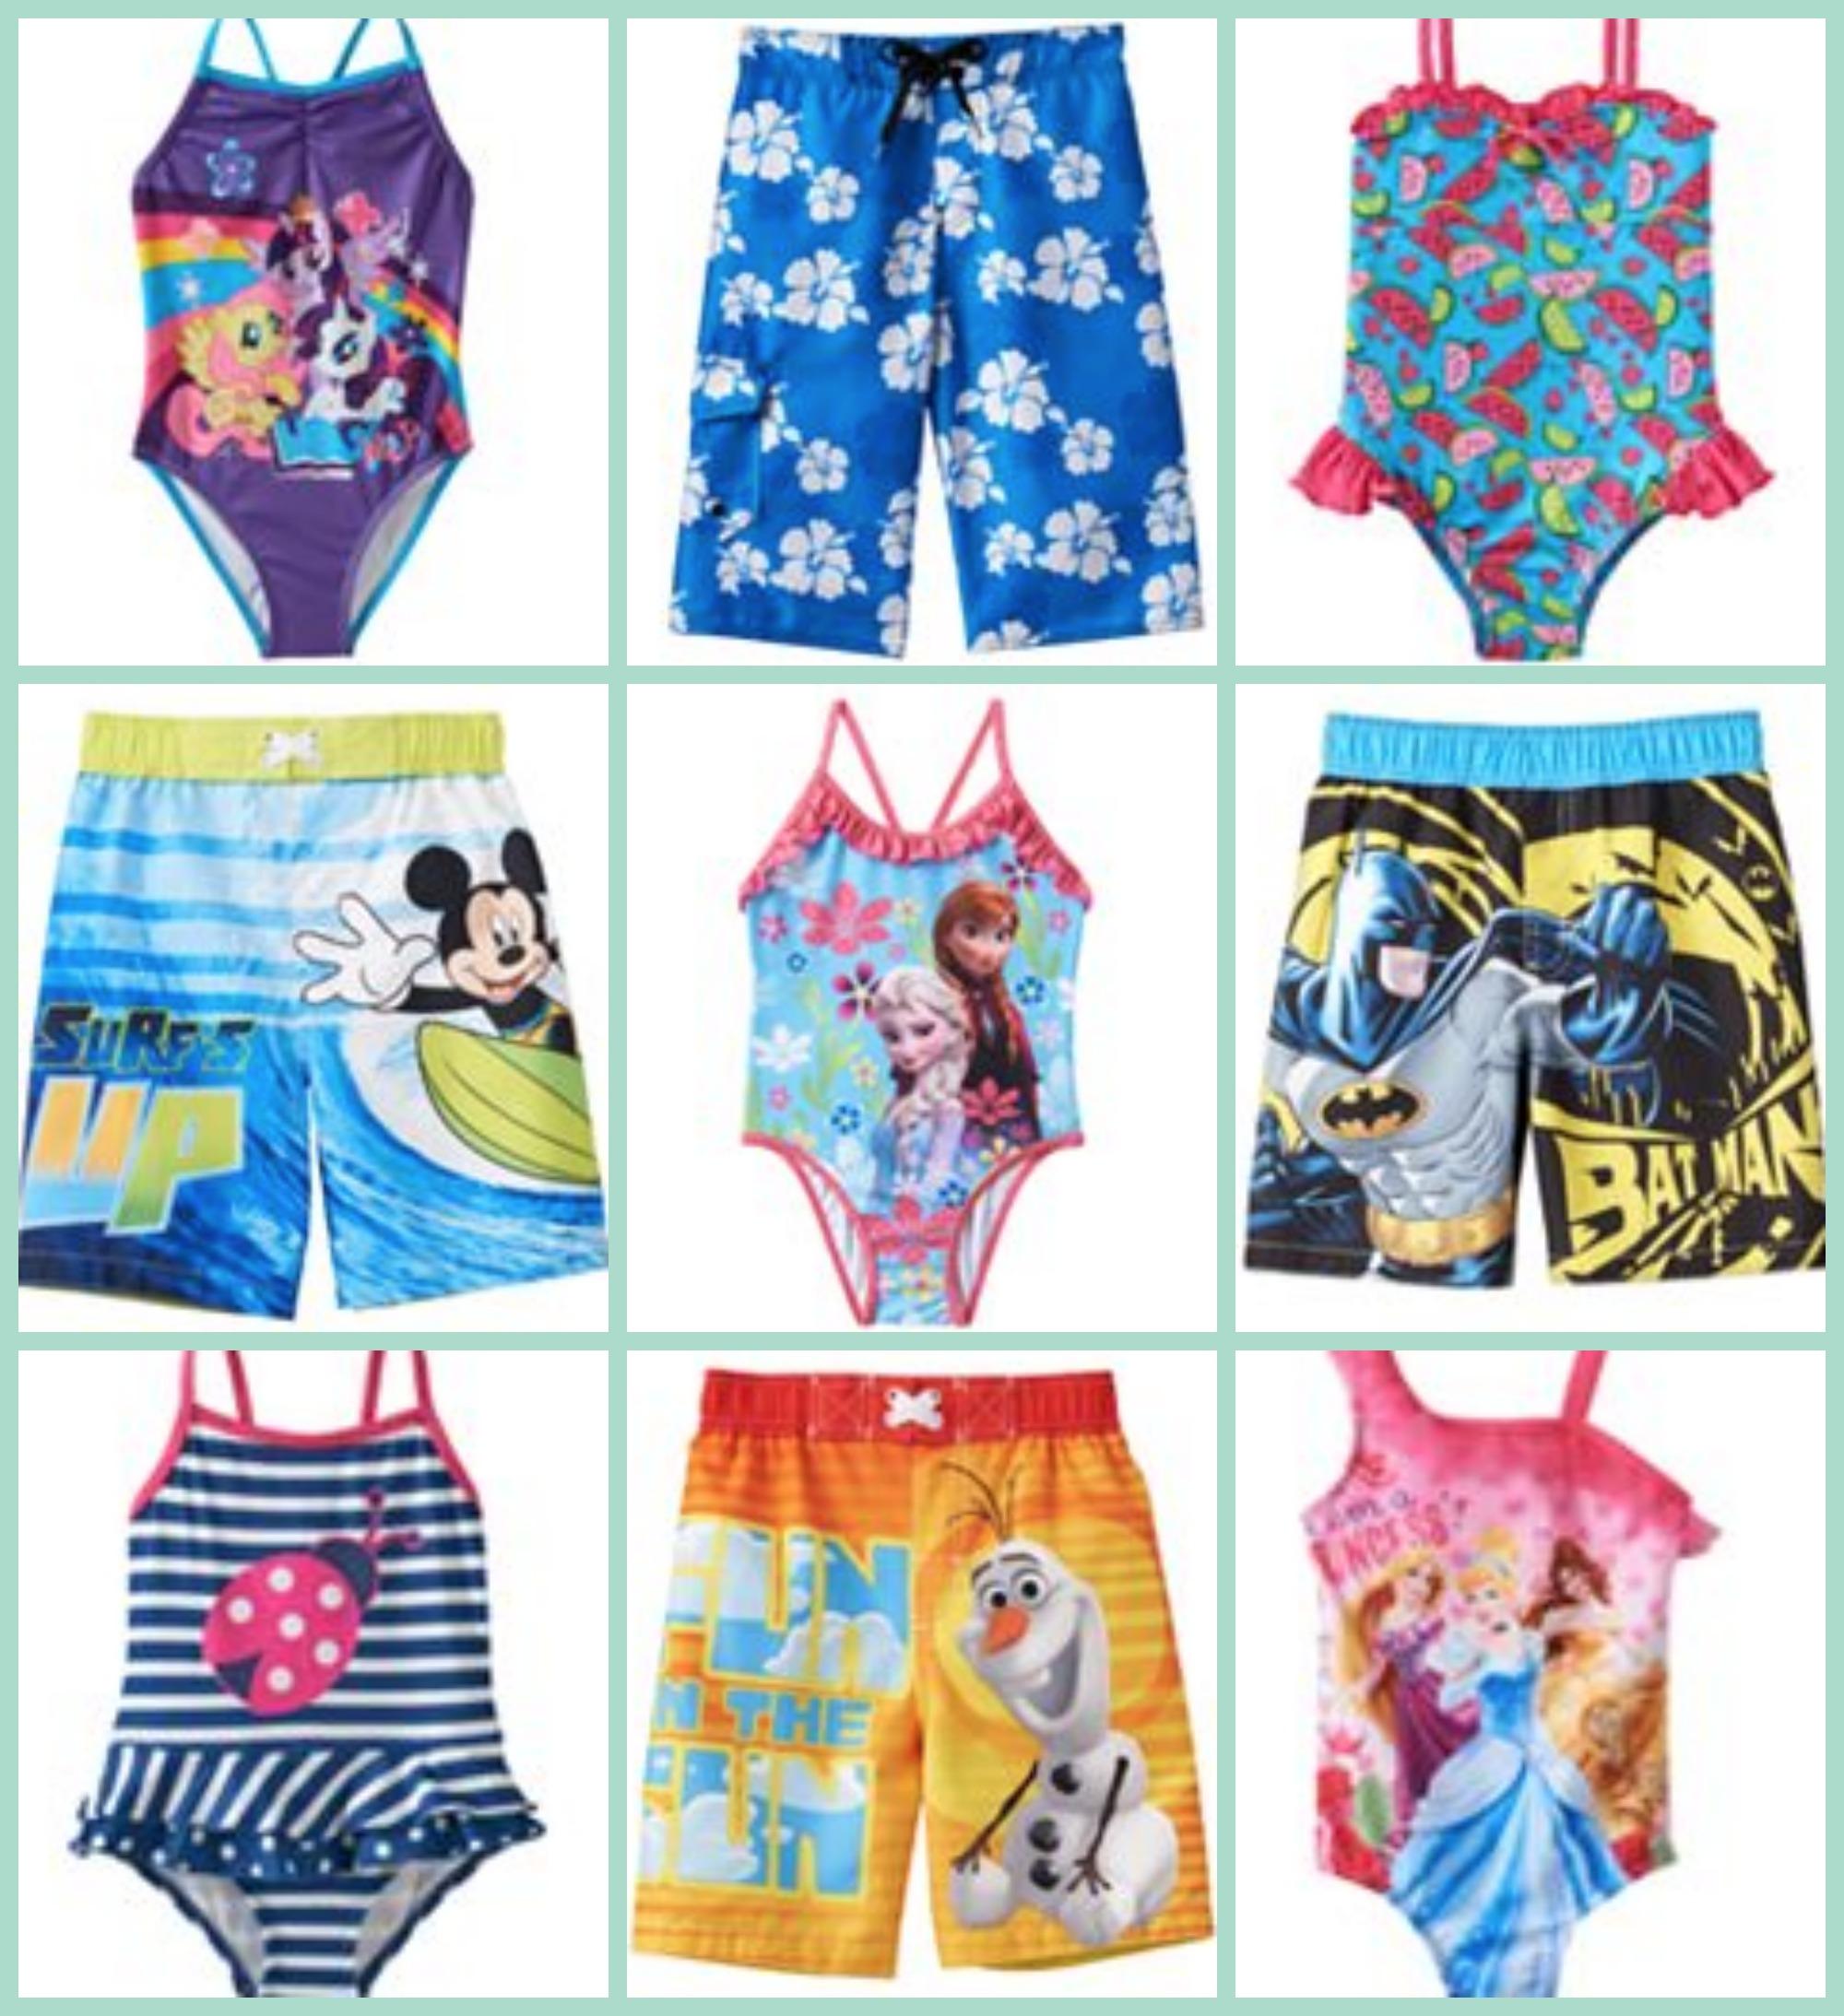 dbdd3aa3f788c Kohl's: Kids Swimwear As Low As $4.66